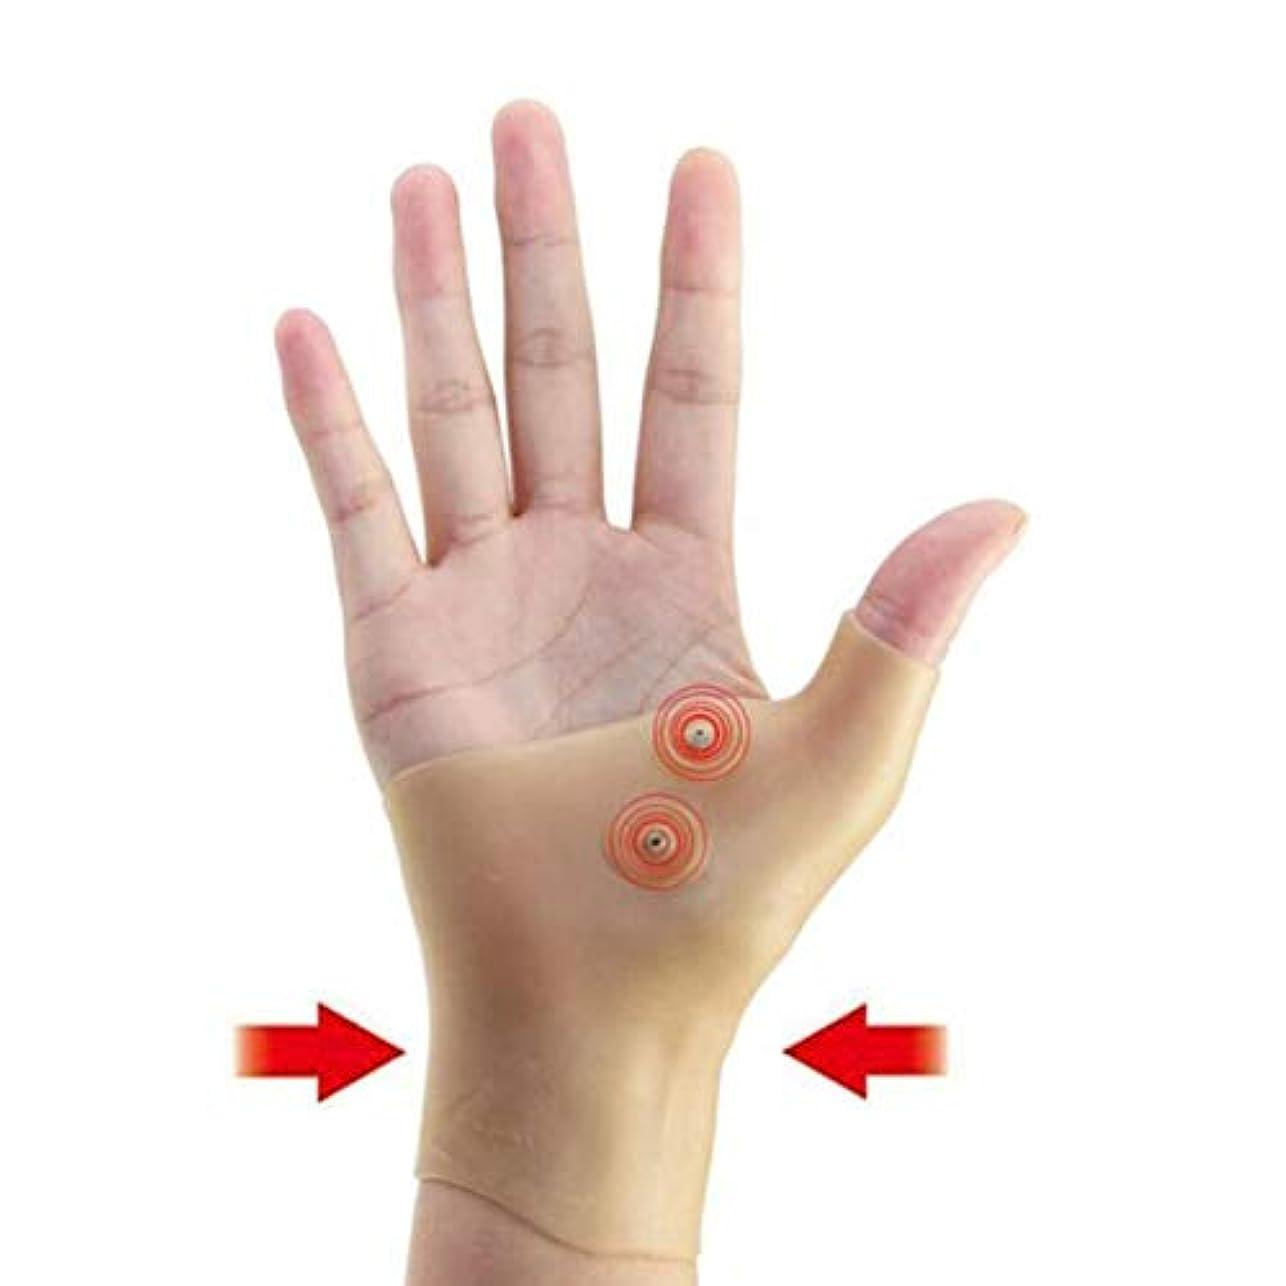 落ちたラフト資格情報磁気療法手首手親指サポート手袋シリコーンゲル関節炎圧力矯正器マッサージ痛み緩和手袋 - 肌の色